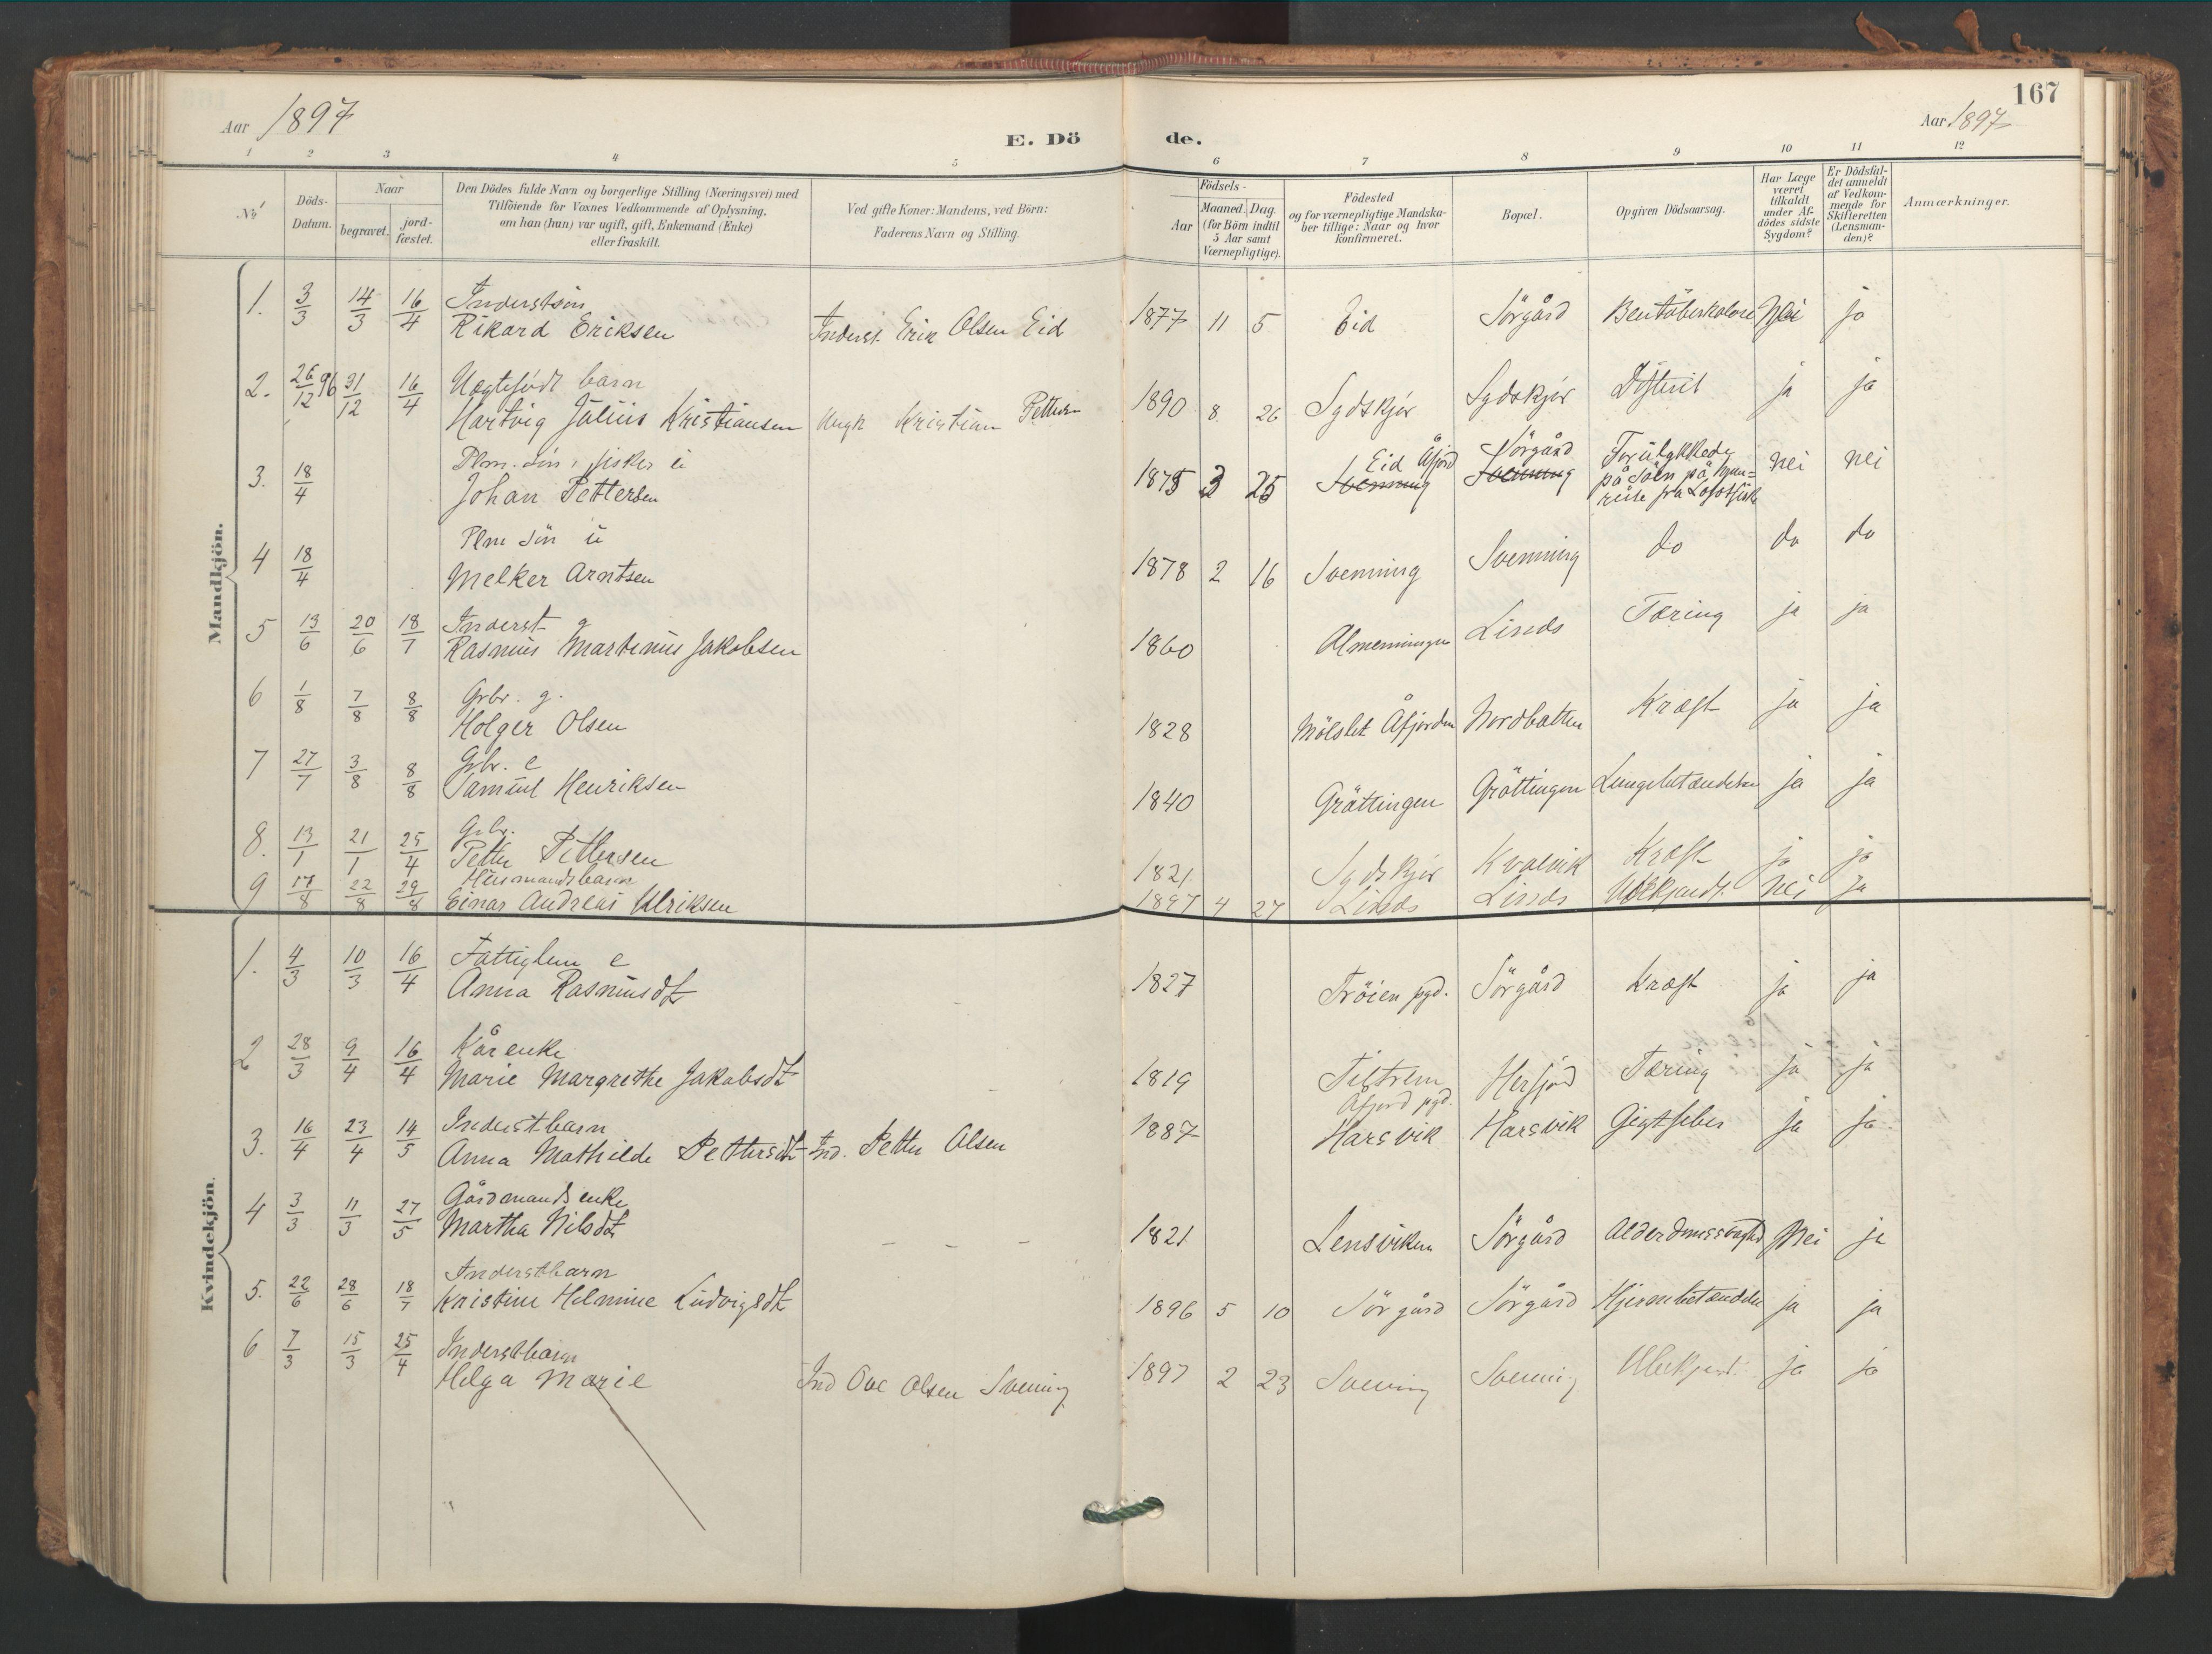 SAT, Ministerialprotokoller, klokkerbøker og fødselsregistre - Sør-Trøndelag, 656/L0693: Ministerialbok nr. 656A02, 1894-1913, s. 167